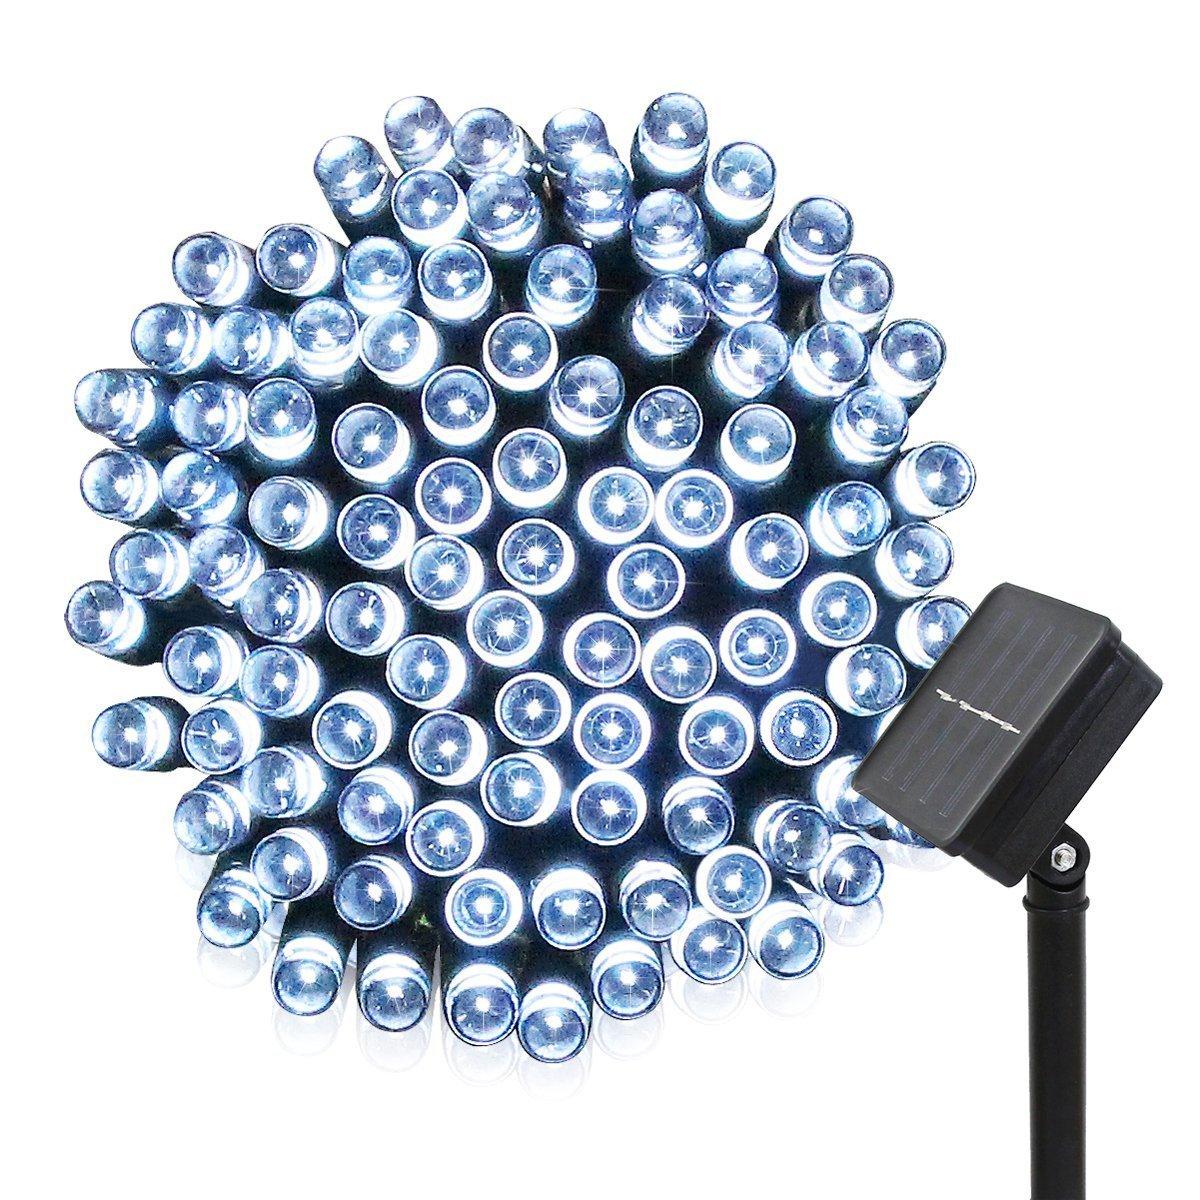 「KYC」 20m200球 LED ソーラー ストリングライト クリスマスイルミ 2パターン発光モード 光センサー 自動点灯 自動消灯 太陽発電イルミネーション 「ホワイト」 B0734NM1DP 14074 Cold White Cold White